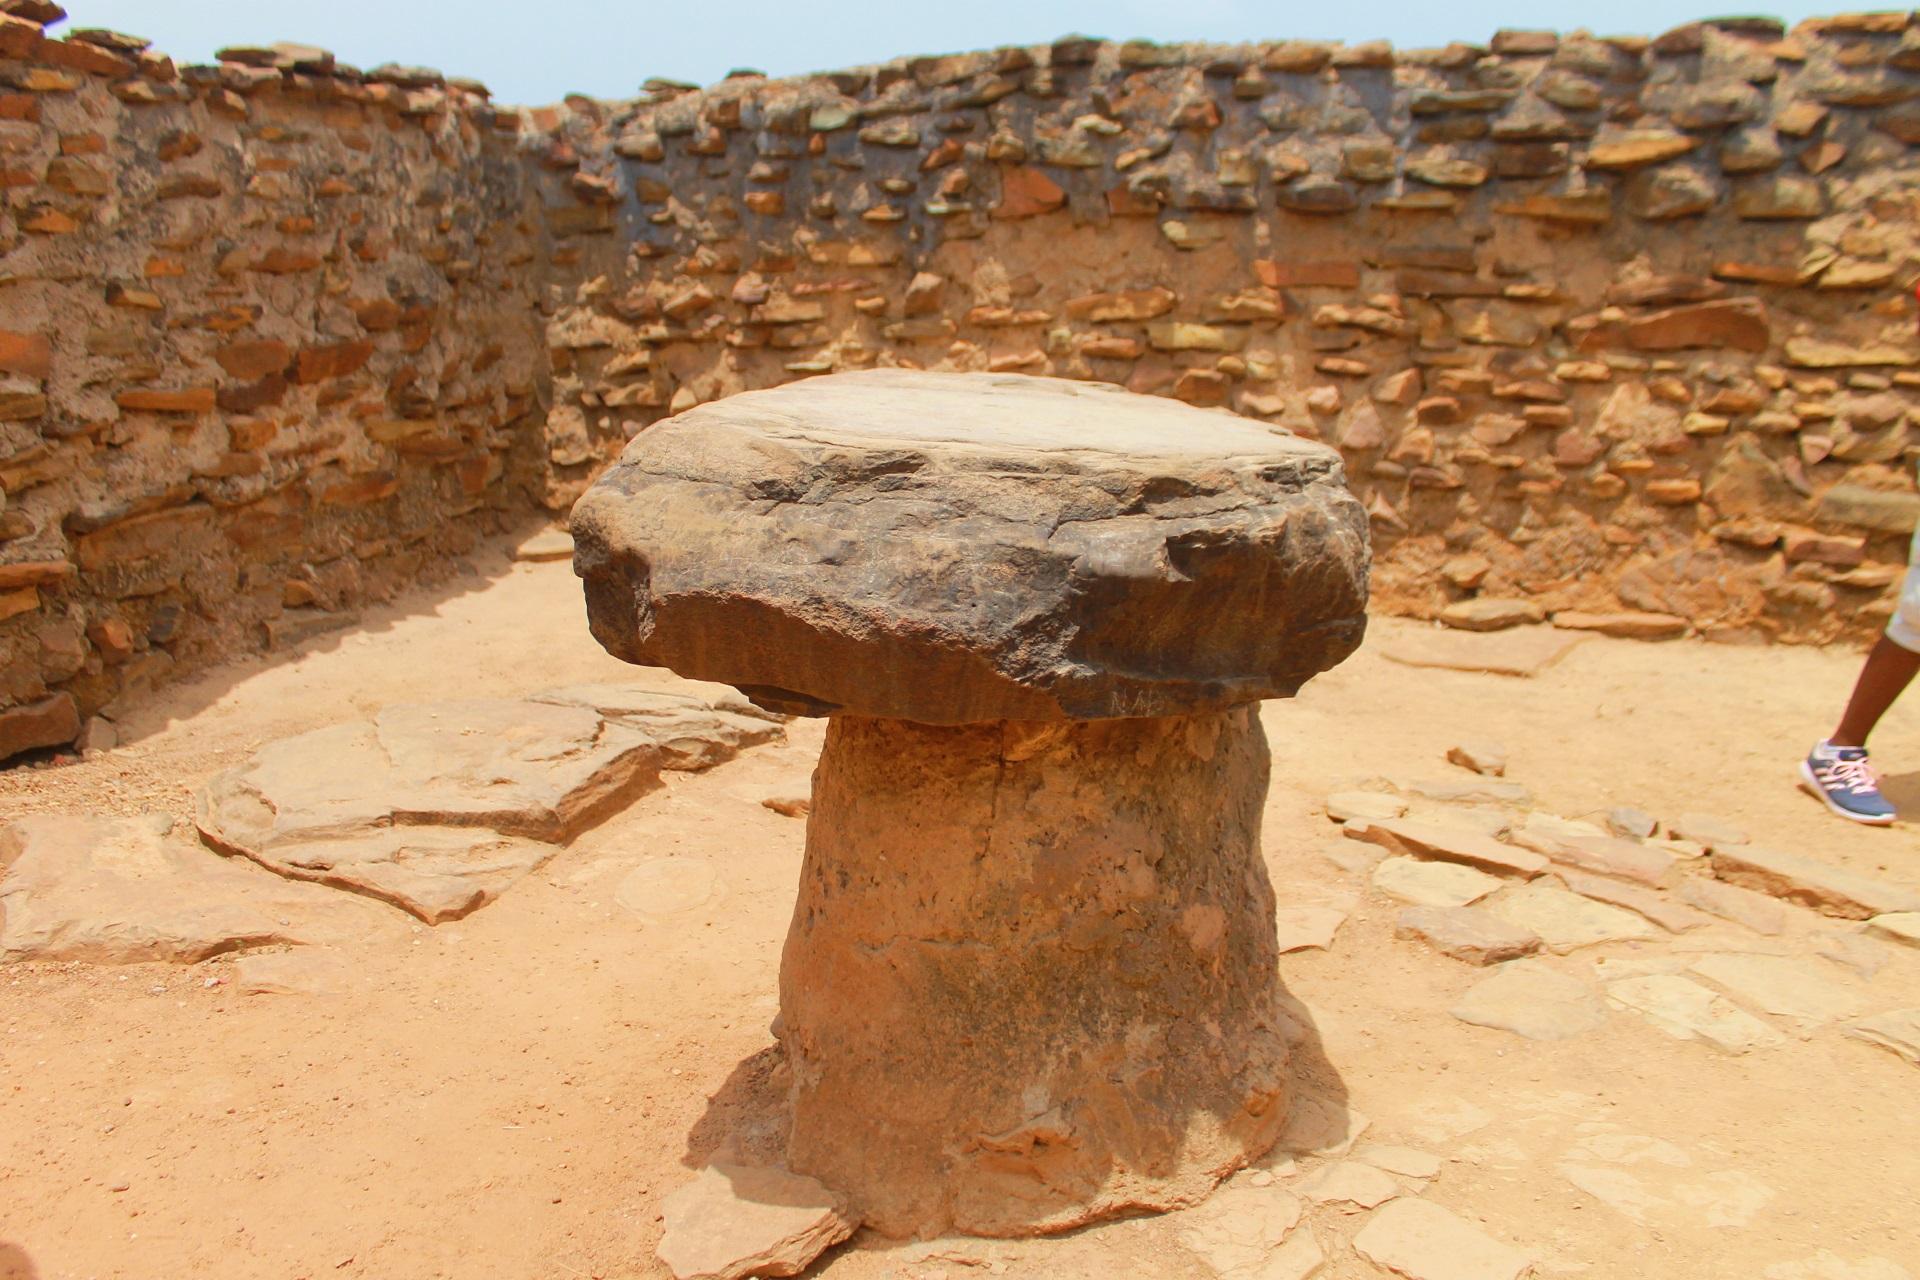 Mystic stone found in Larabanga